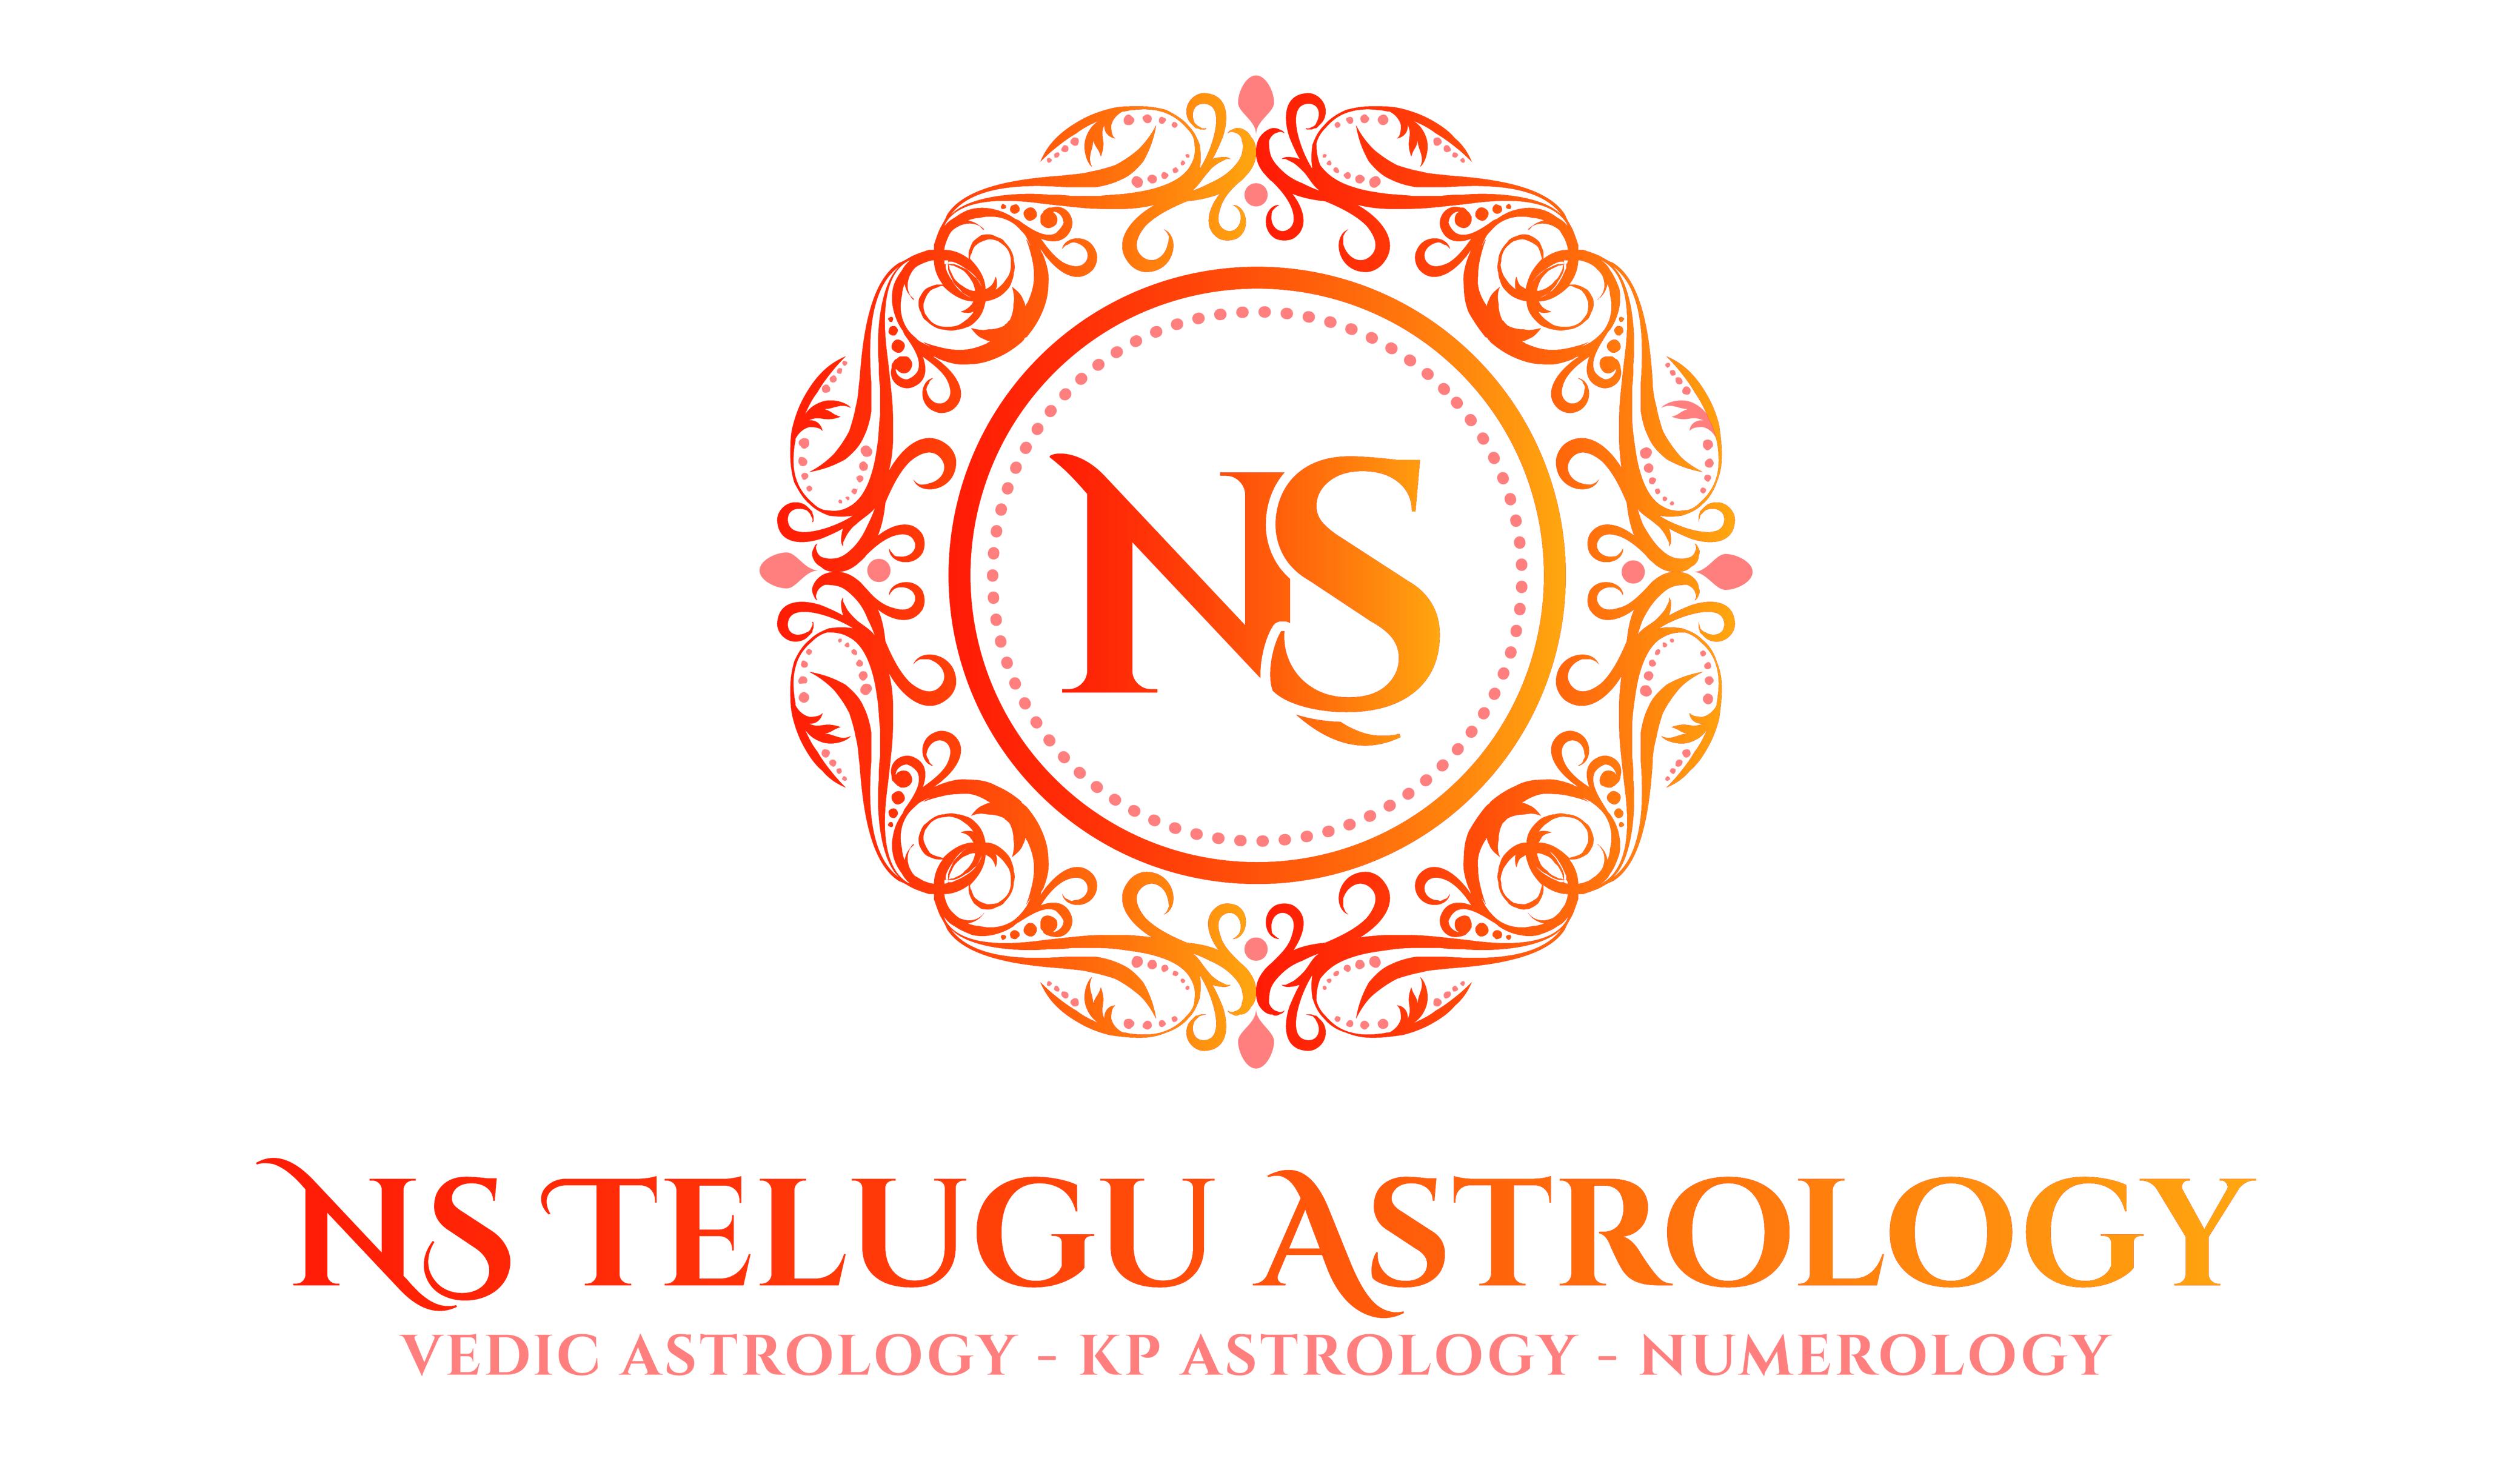 NS TELUGU ASTROLOGY